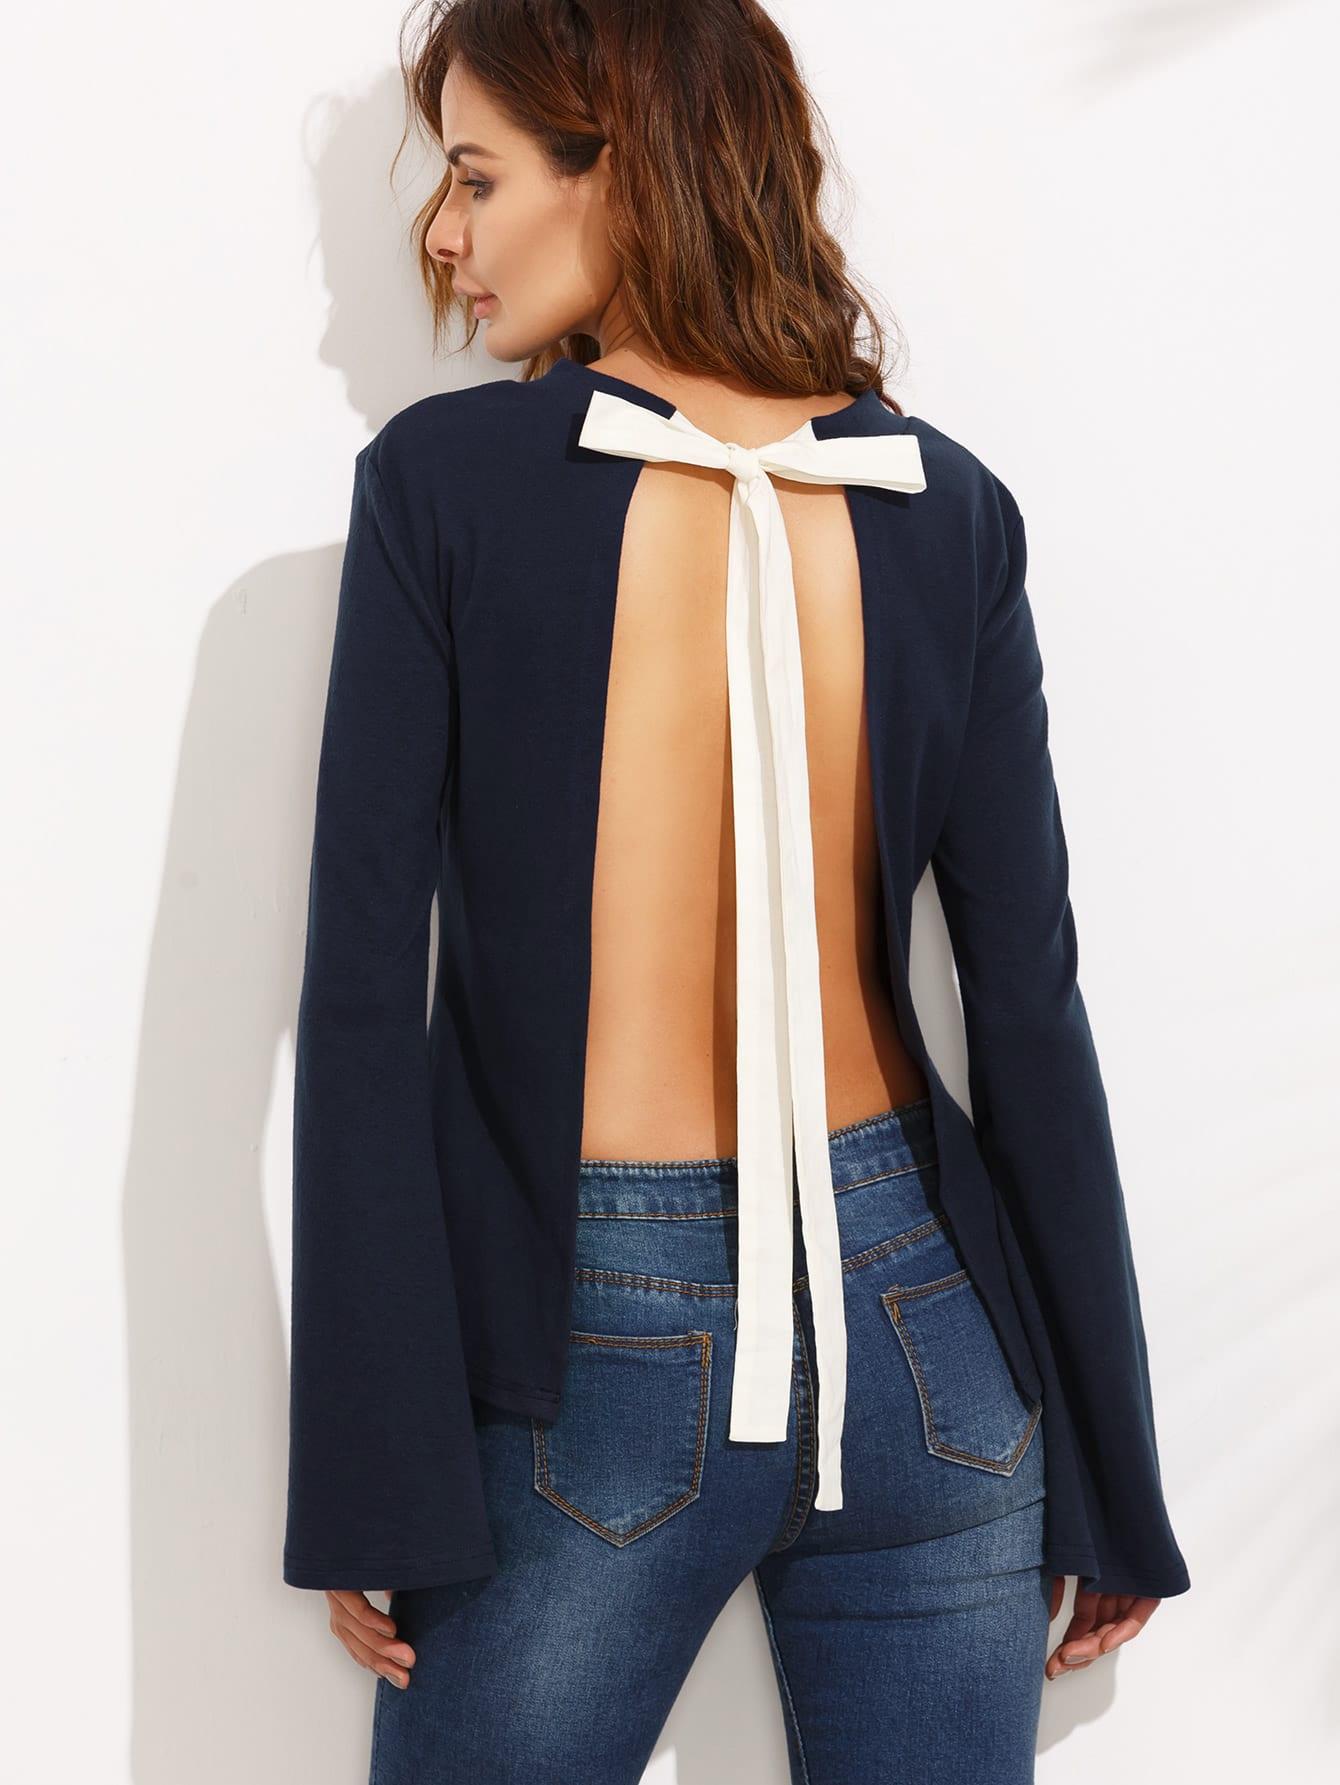 Navy Tie Open Back Long Sleeve BlouseNavy Tie Open Back Long Sleeve Blouse<br><br>color: Navy<br>size: L,M,S,XS